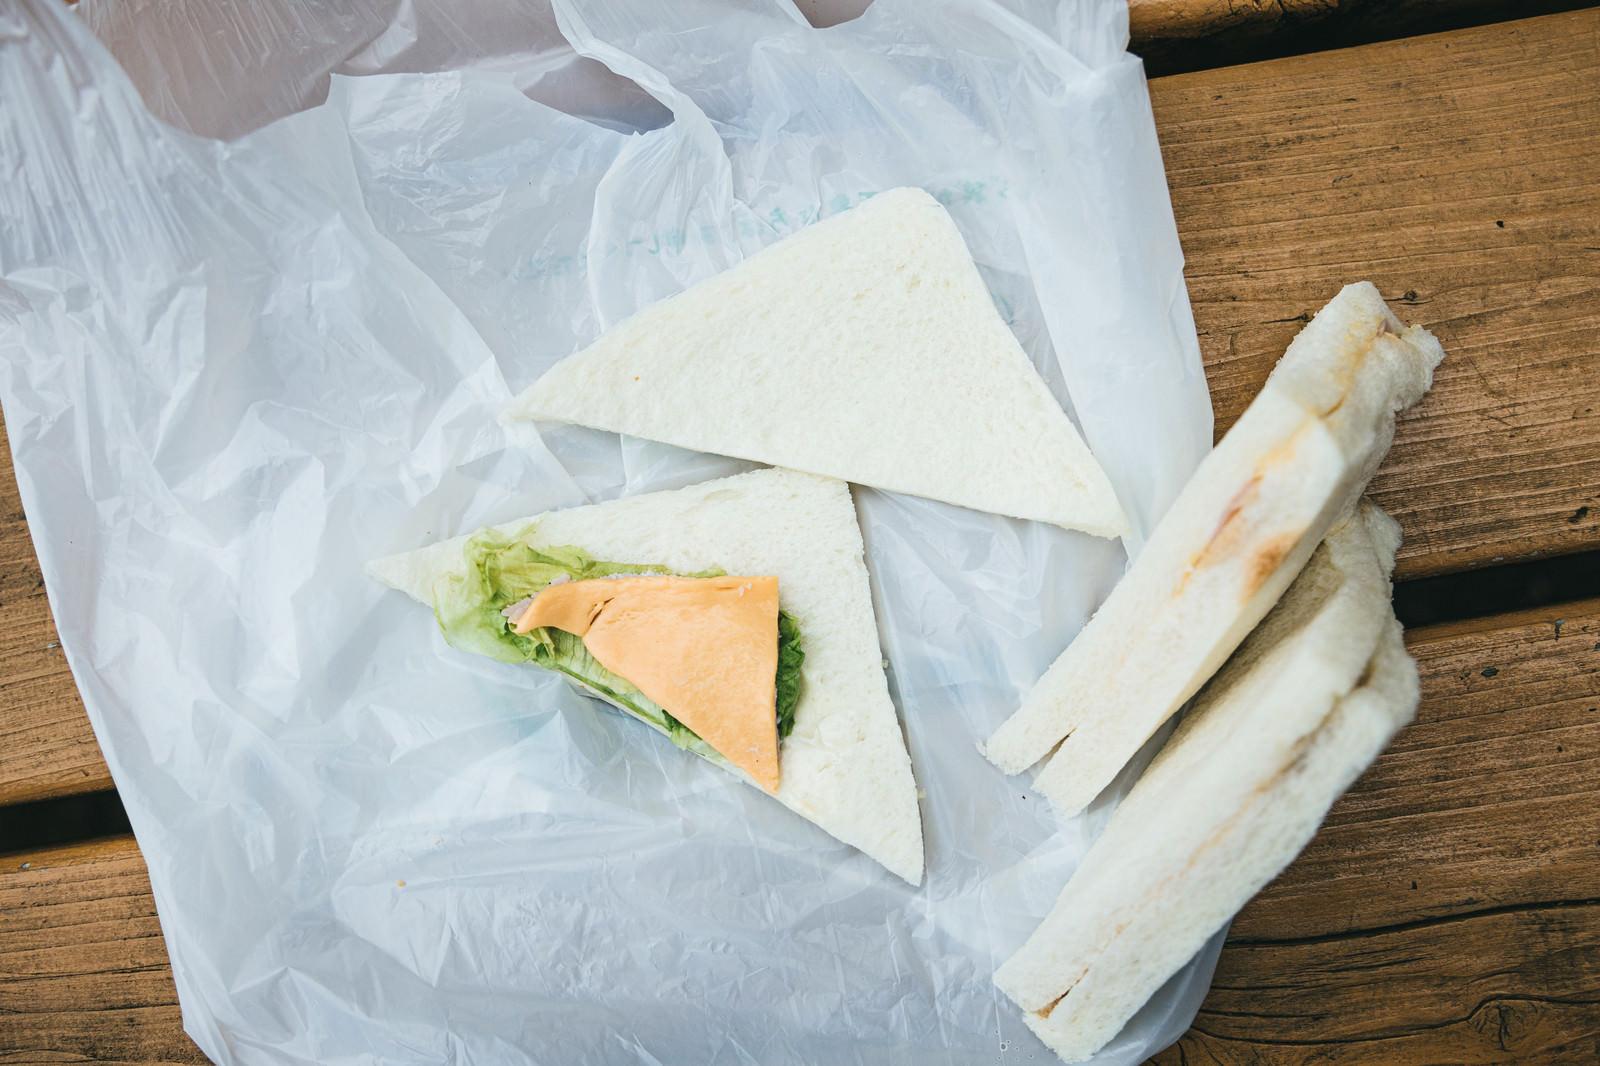 「サンドイッチを開いてみたら中身の具がスカスカだった」の写真